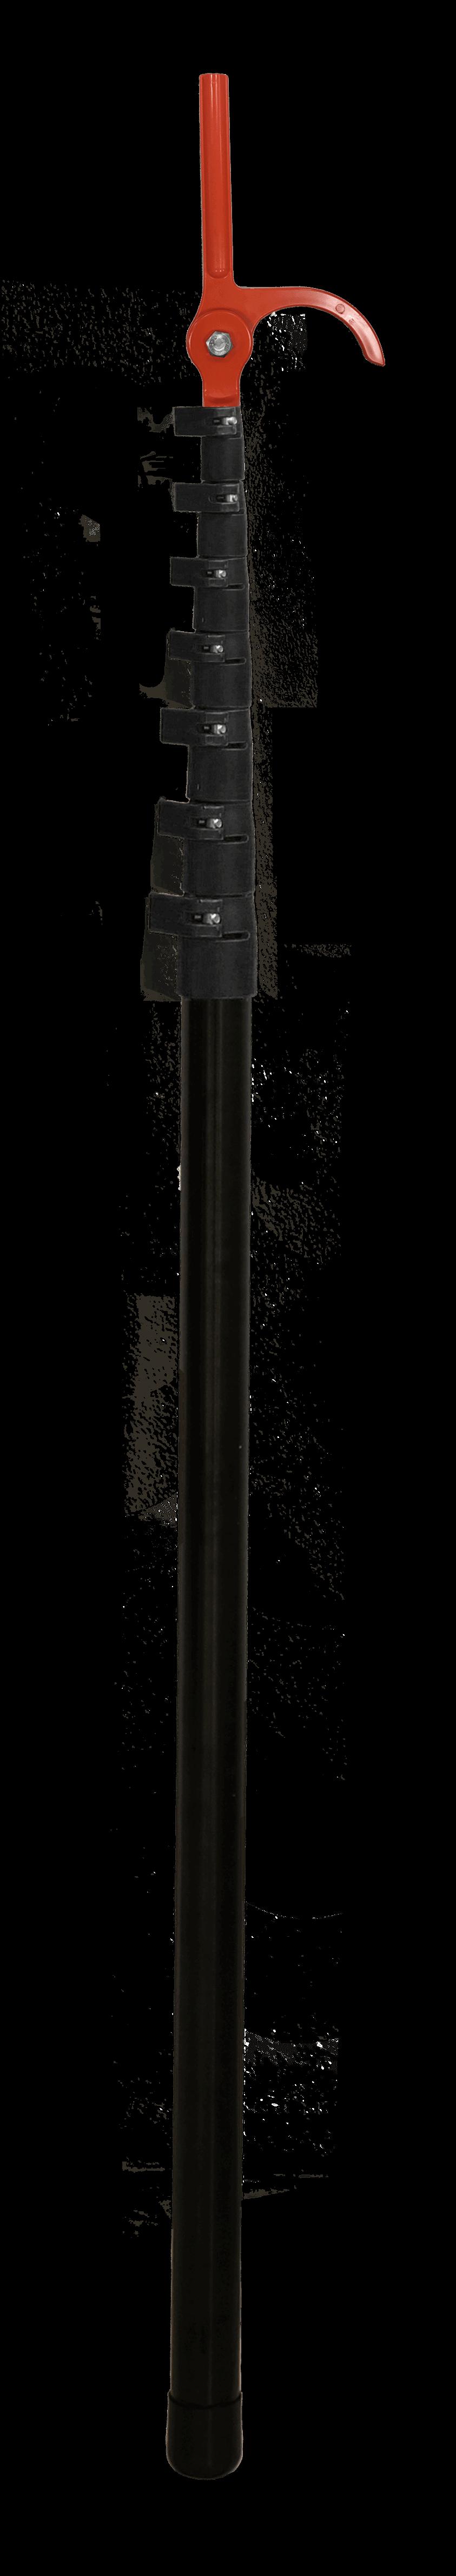 TS-12 H